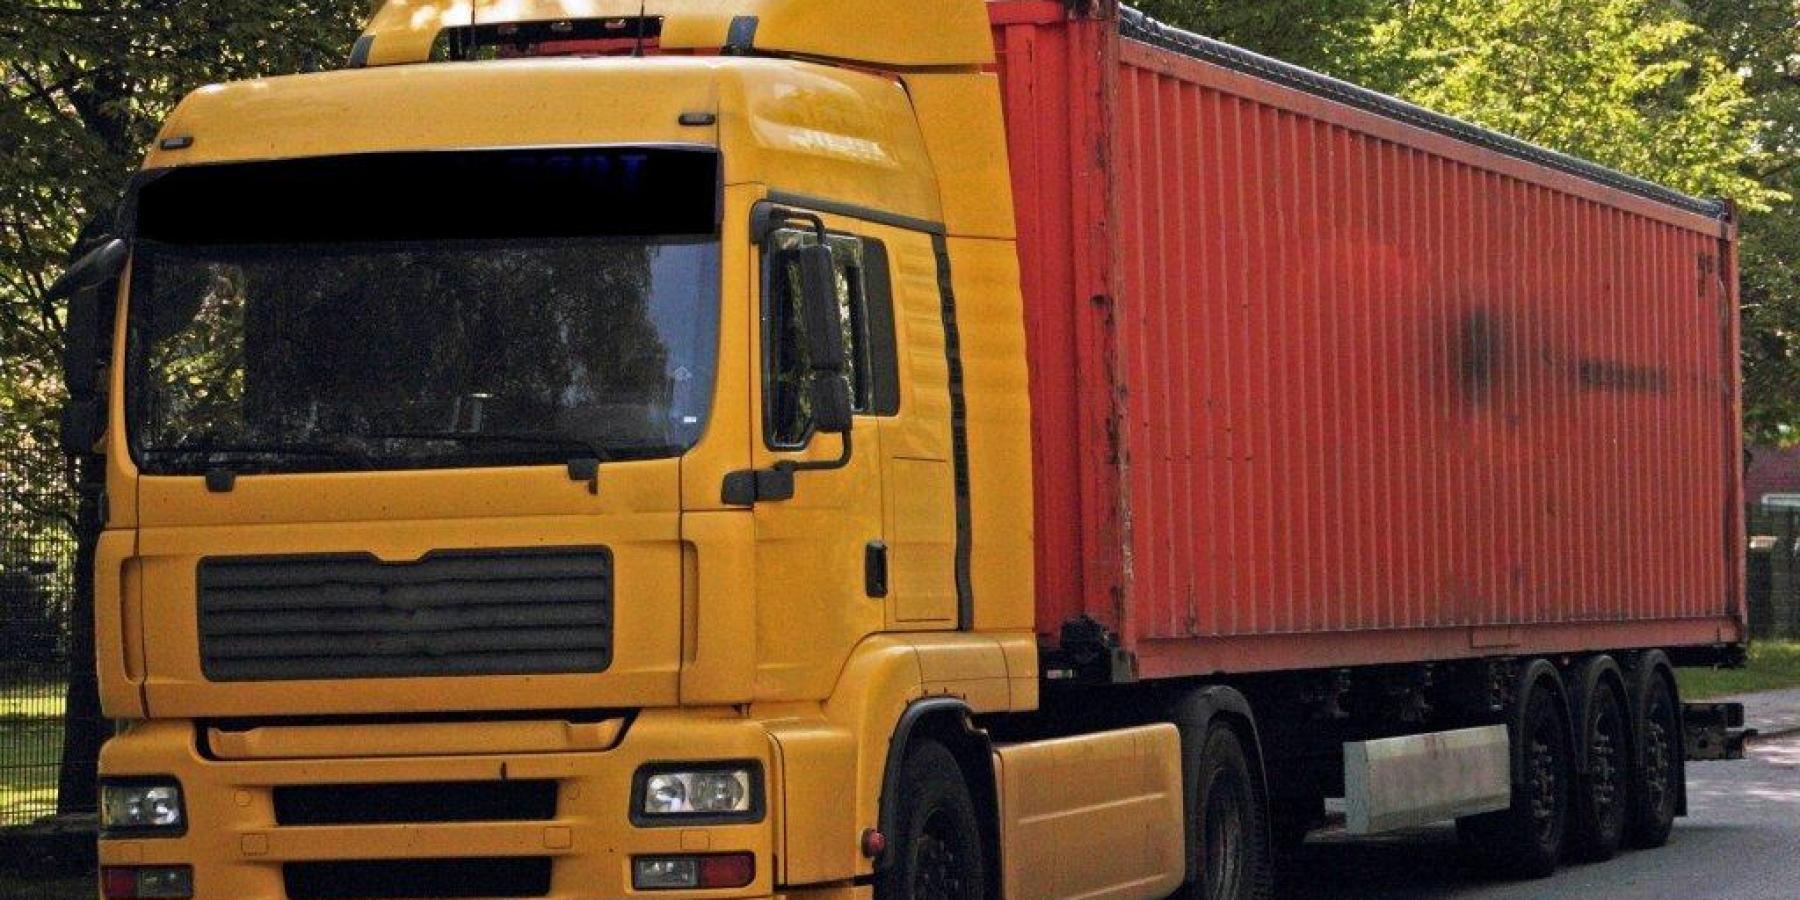 Polizei sucht Zeugen nach Unfall am Cheruskerring